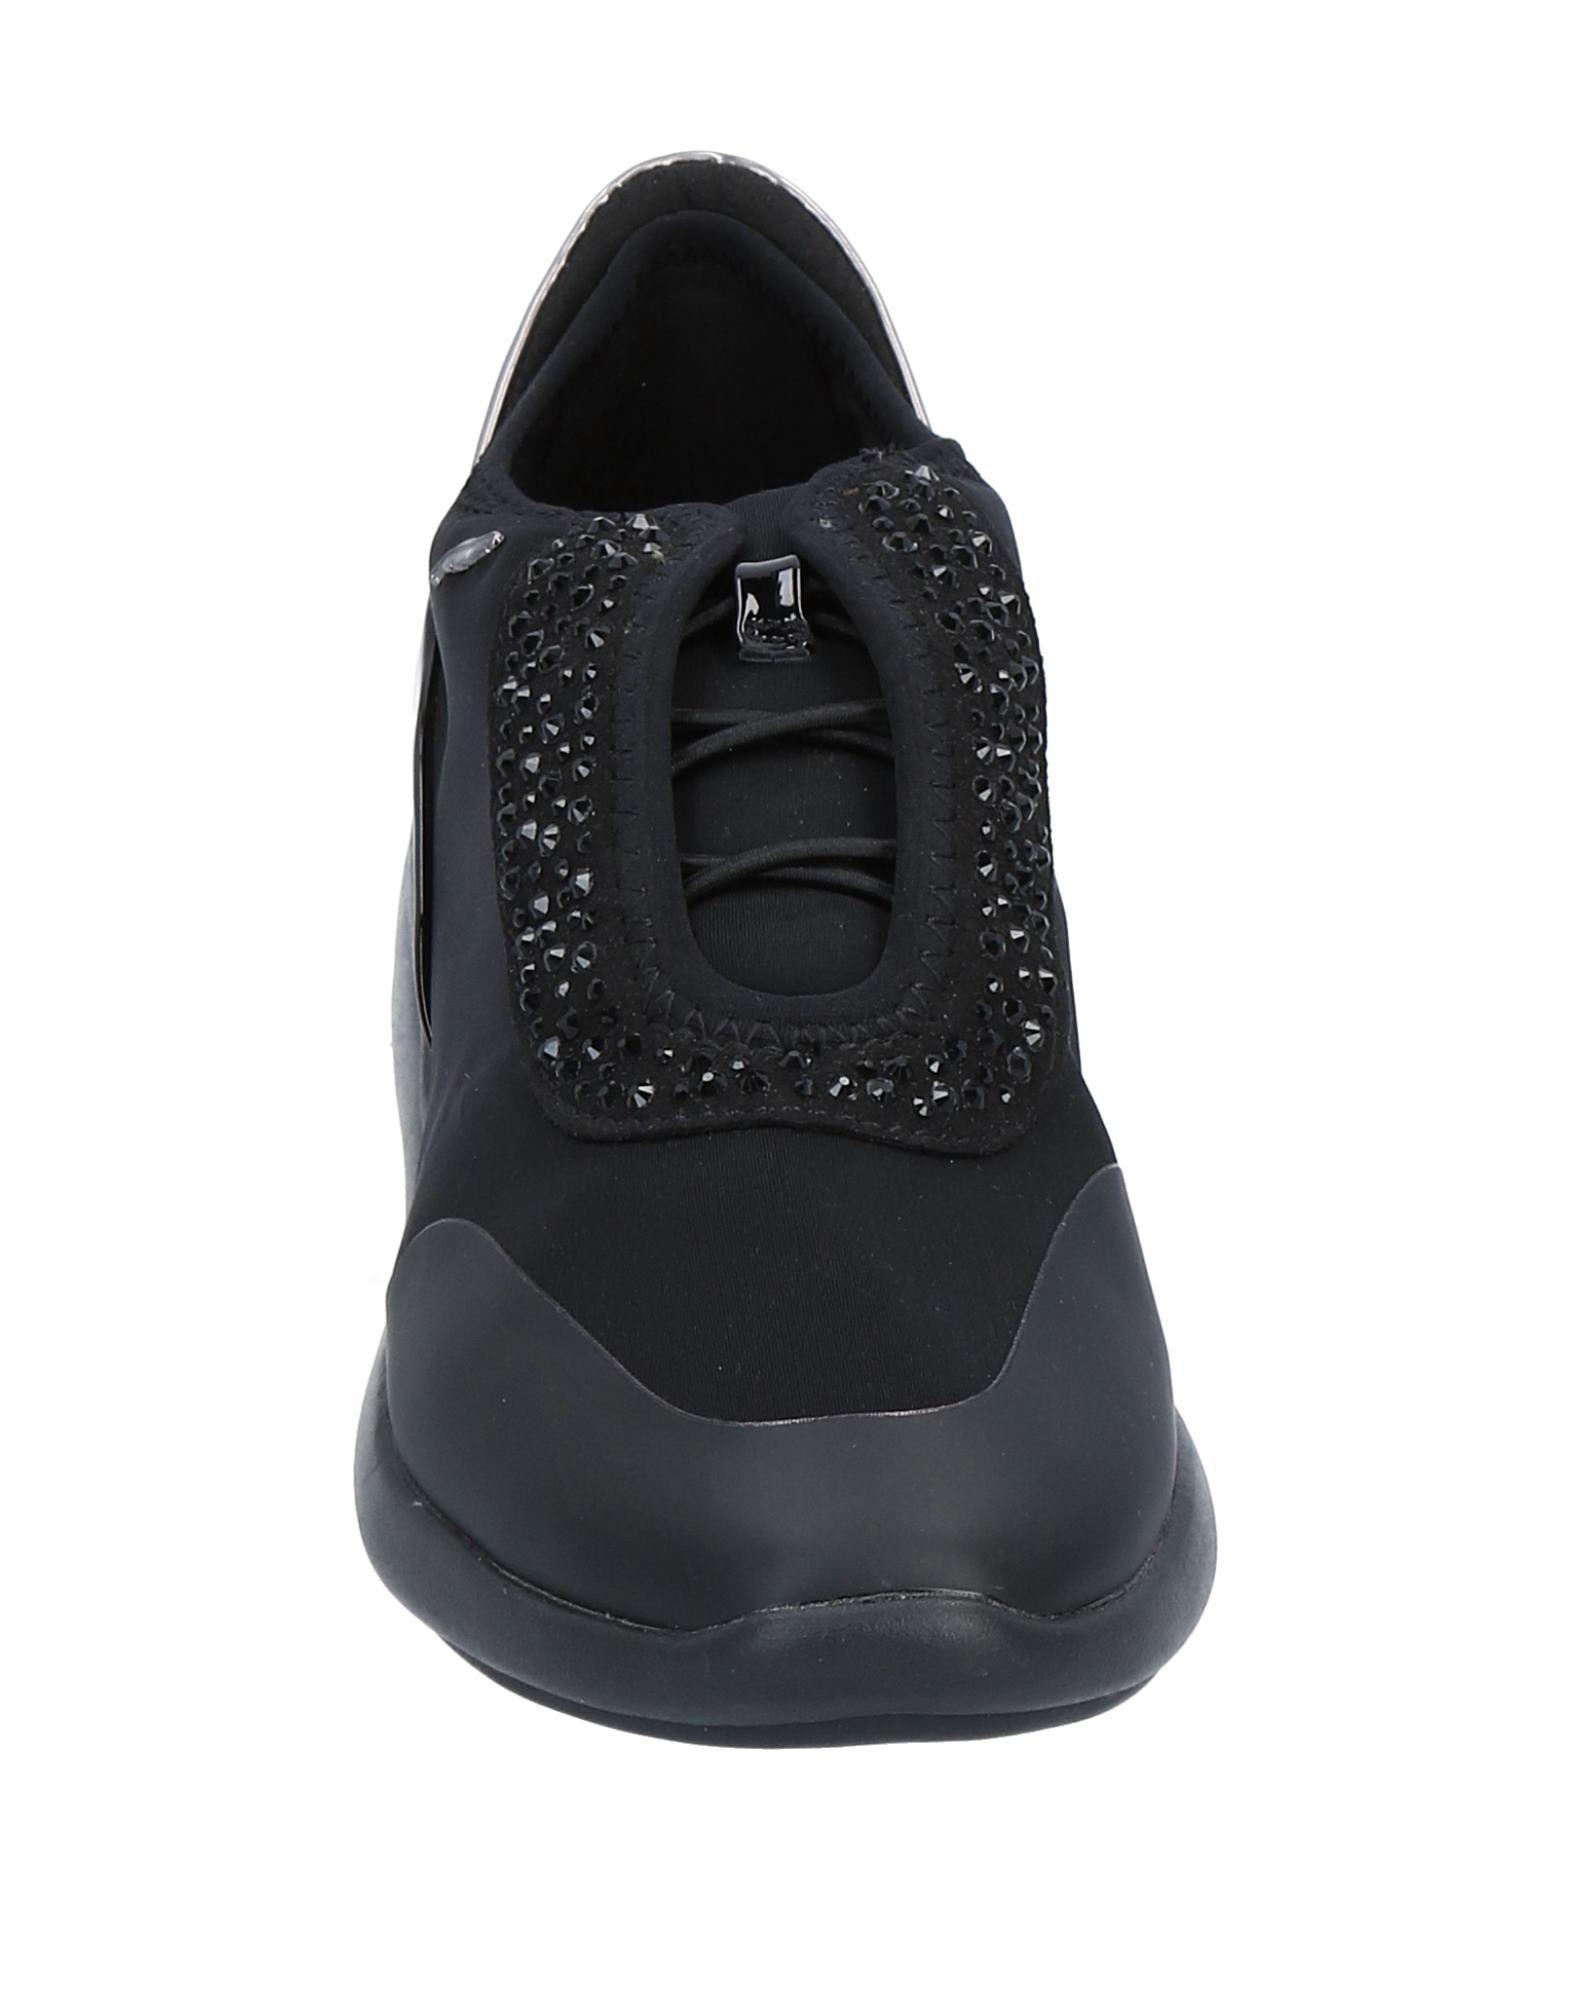 Geox Sneakers Qualität Damen  11541521LN Gute Qualität Sneakers beliebte Schuhe 9b0512